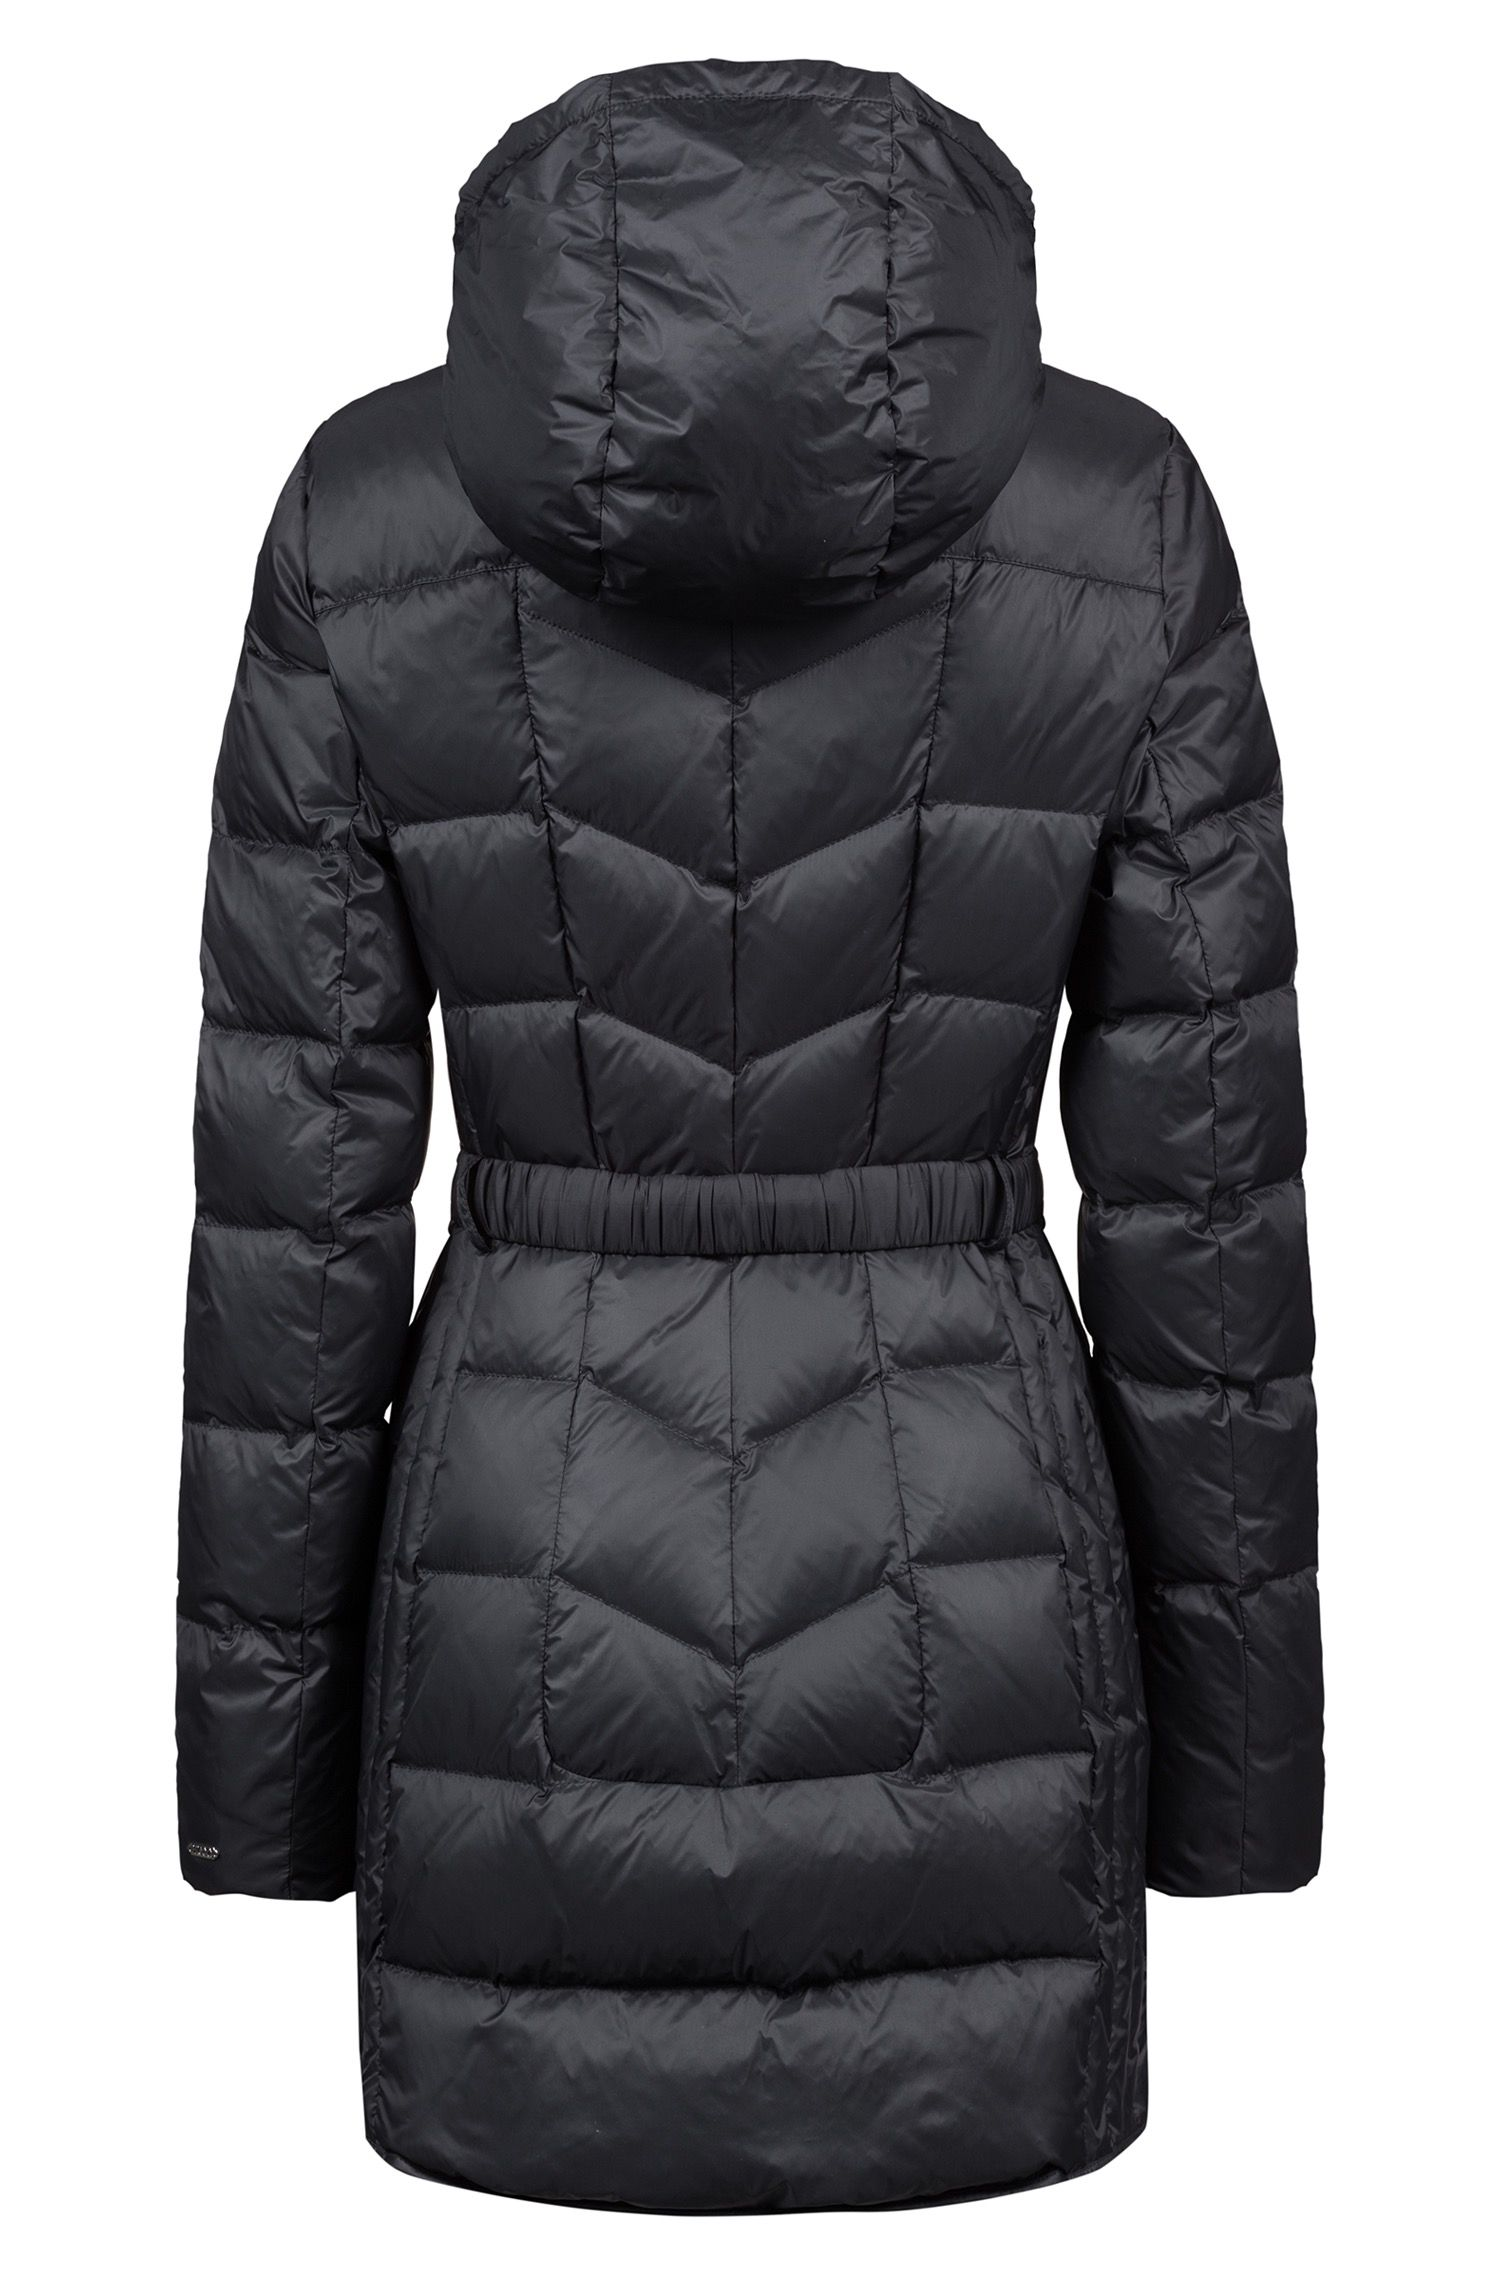 Mantel met donsvulling, waterafstotende buitenkant en capuchon, Zwart